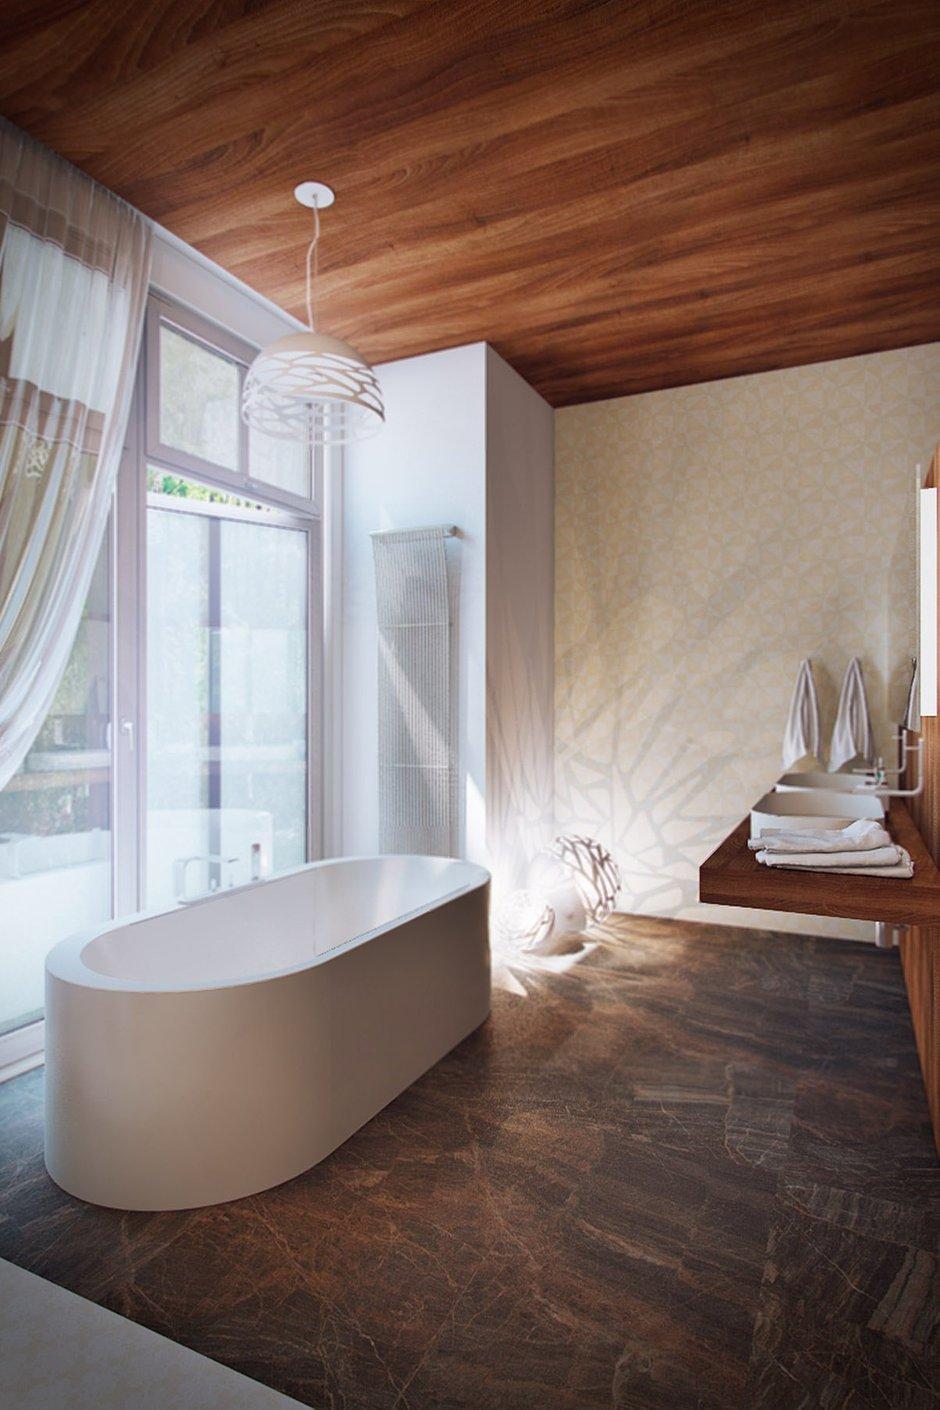 Фотография: Ванная в стиле Лофт, Скандинавский, Эко, Дом, Минимализм, Проект недели – фото на INMYROOM